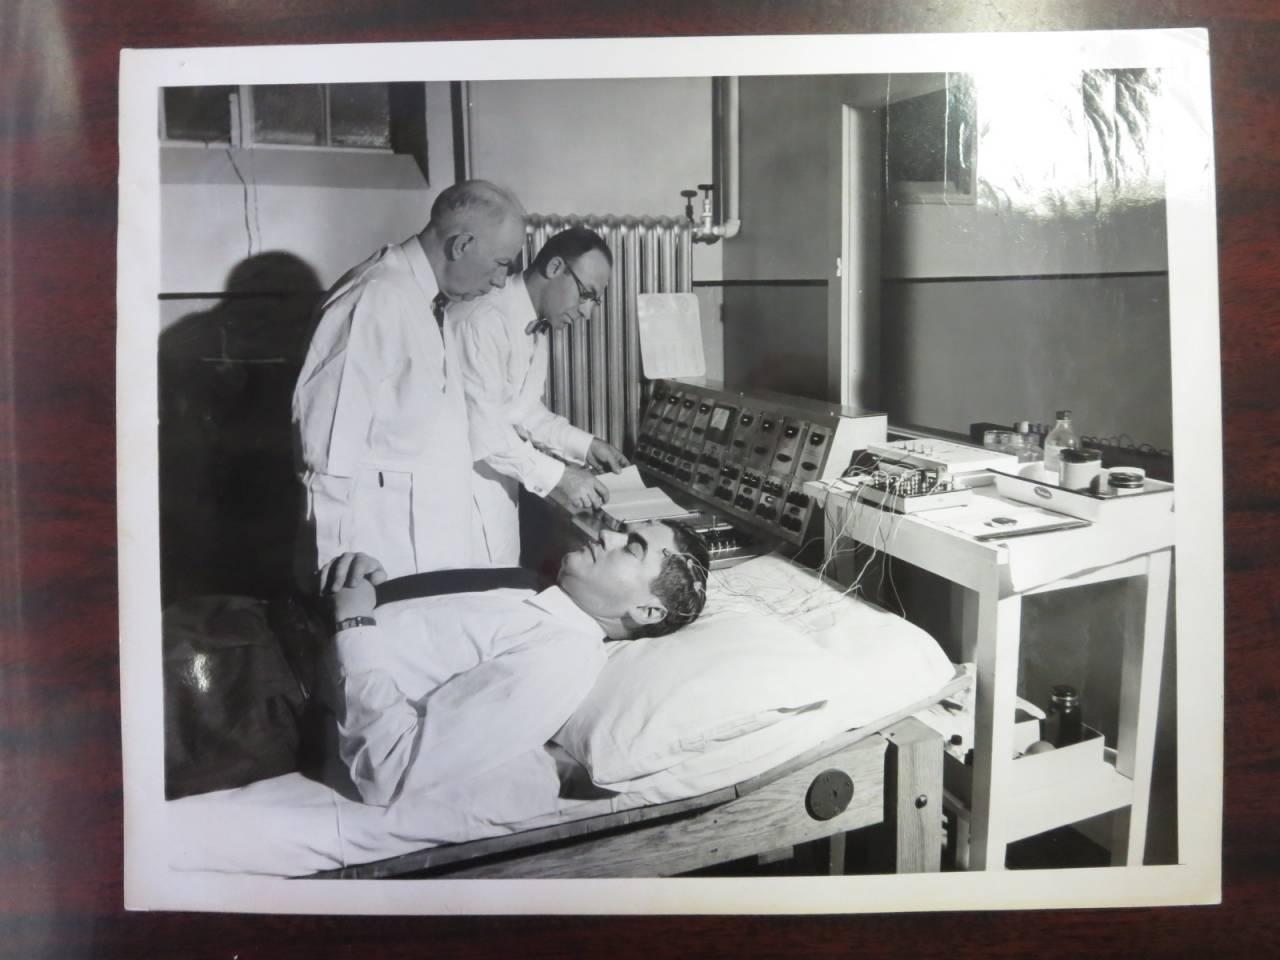 Ám ảnh bệnh viện tâm thần từ thế kỷ 19 - 8